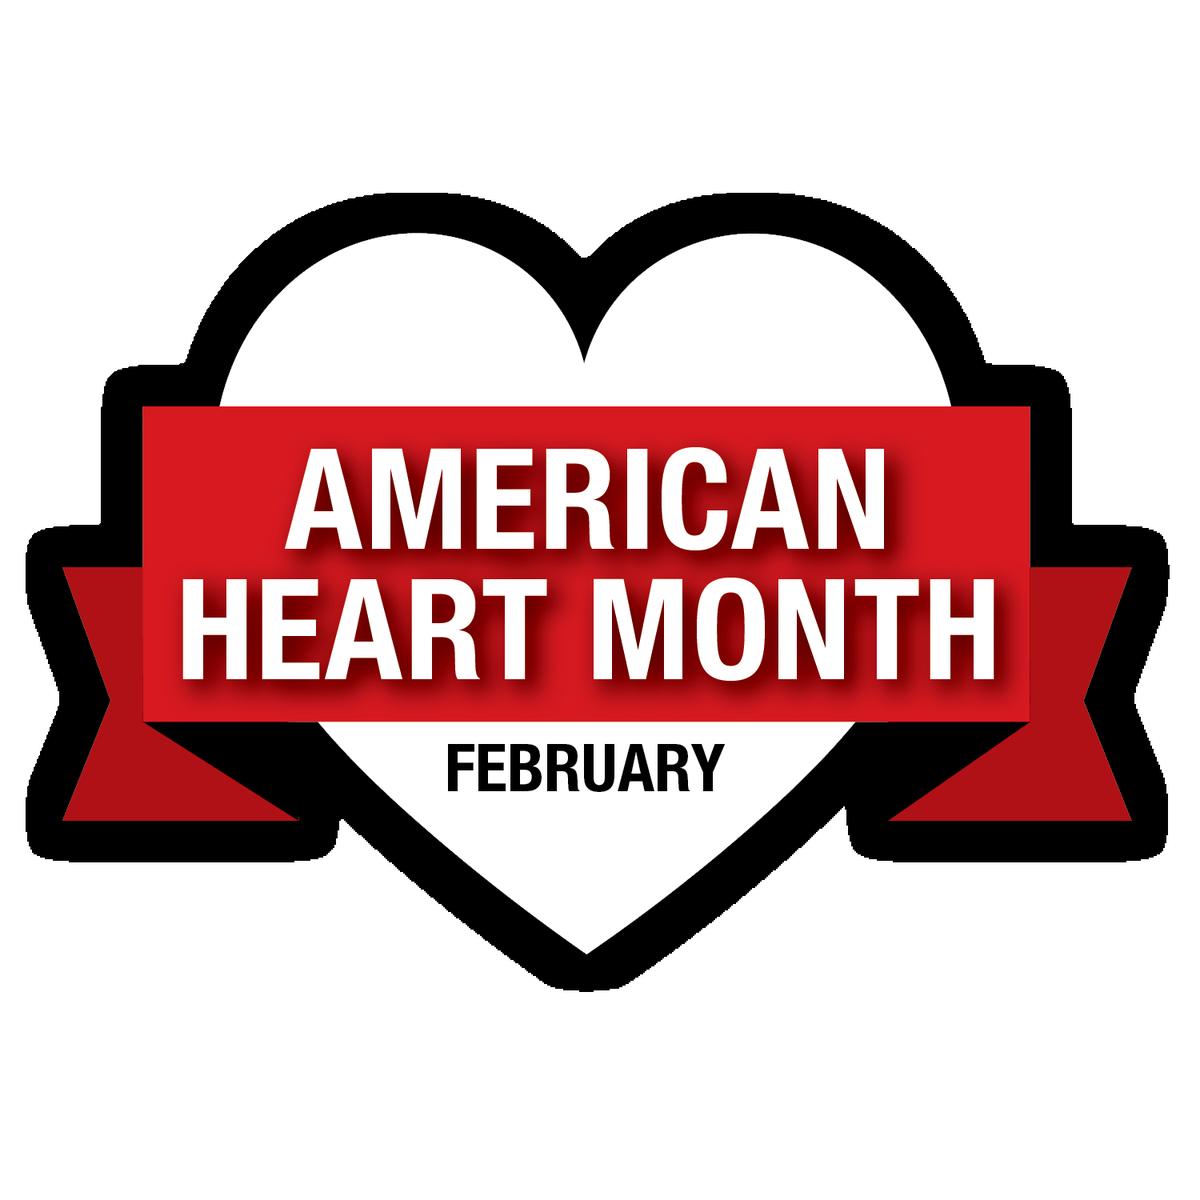 Colorado Cardiac Cpr: CPR Statistics